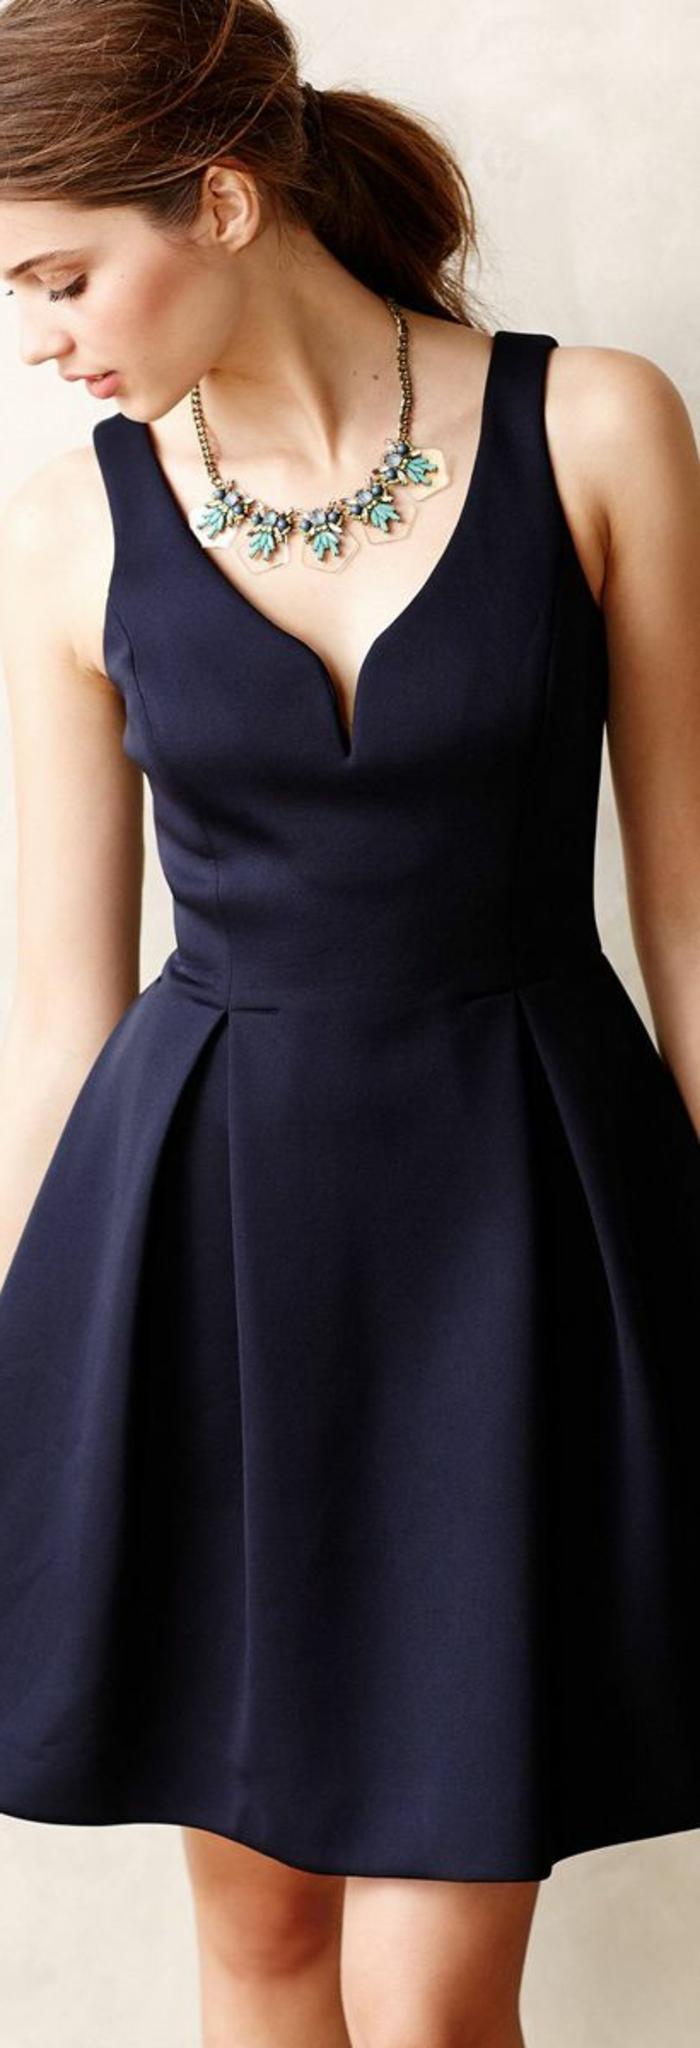 La-robe-fiancaille-idée-jolie-robe-de-fiançailles-mariage-noir-courte-elegante-accessoires